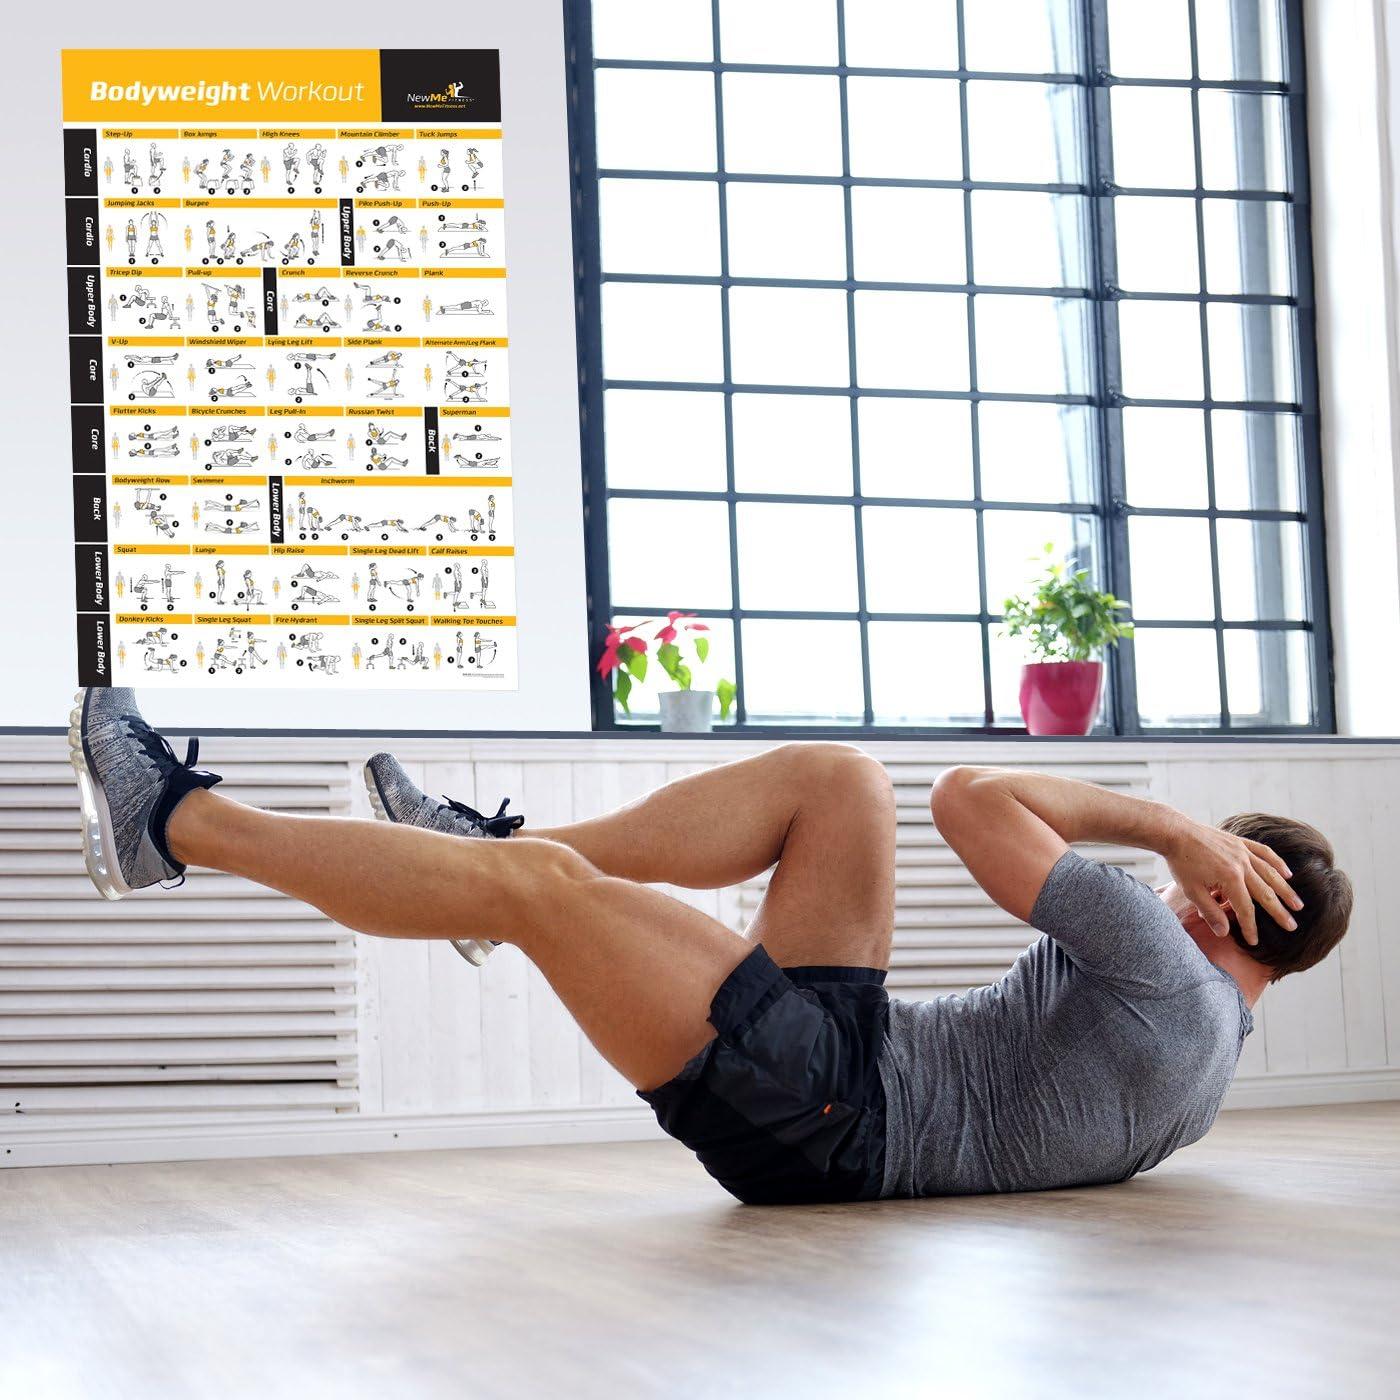 Beine Home Gym Poster Gluts /& Oberk/örper 50,8 x 76,2 cm verbessert das Training Routine Bodyweight /Übungsposter Total Body Workout Tones Core Bauchmuskel Personal Trainer Fitness Programm